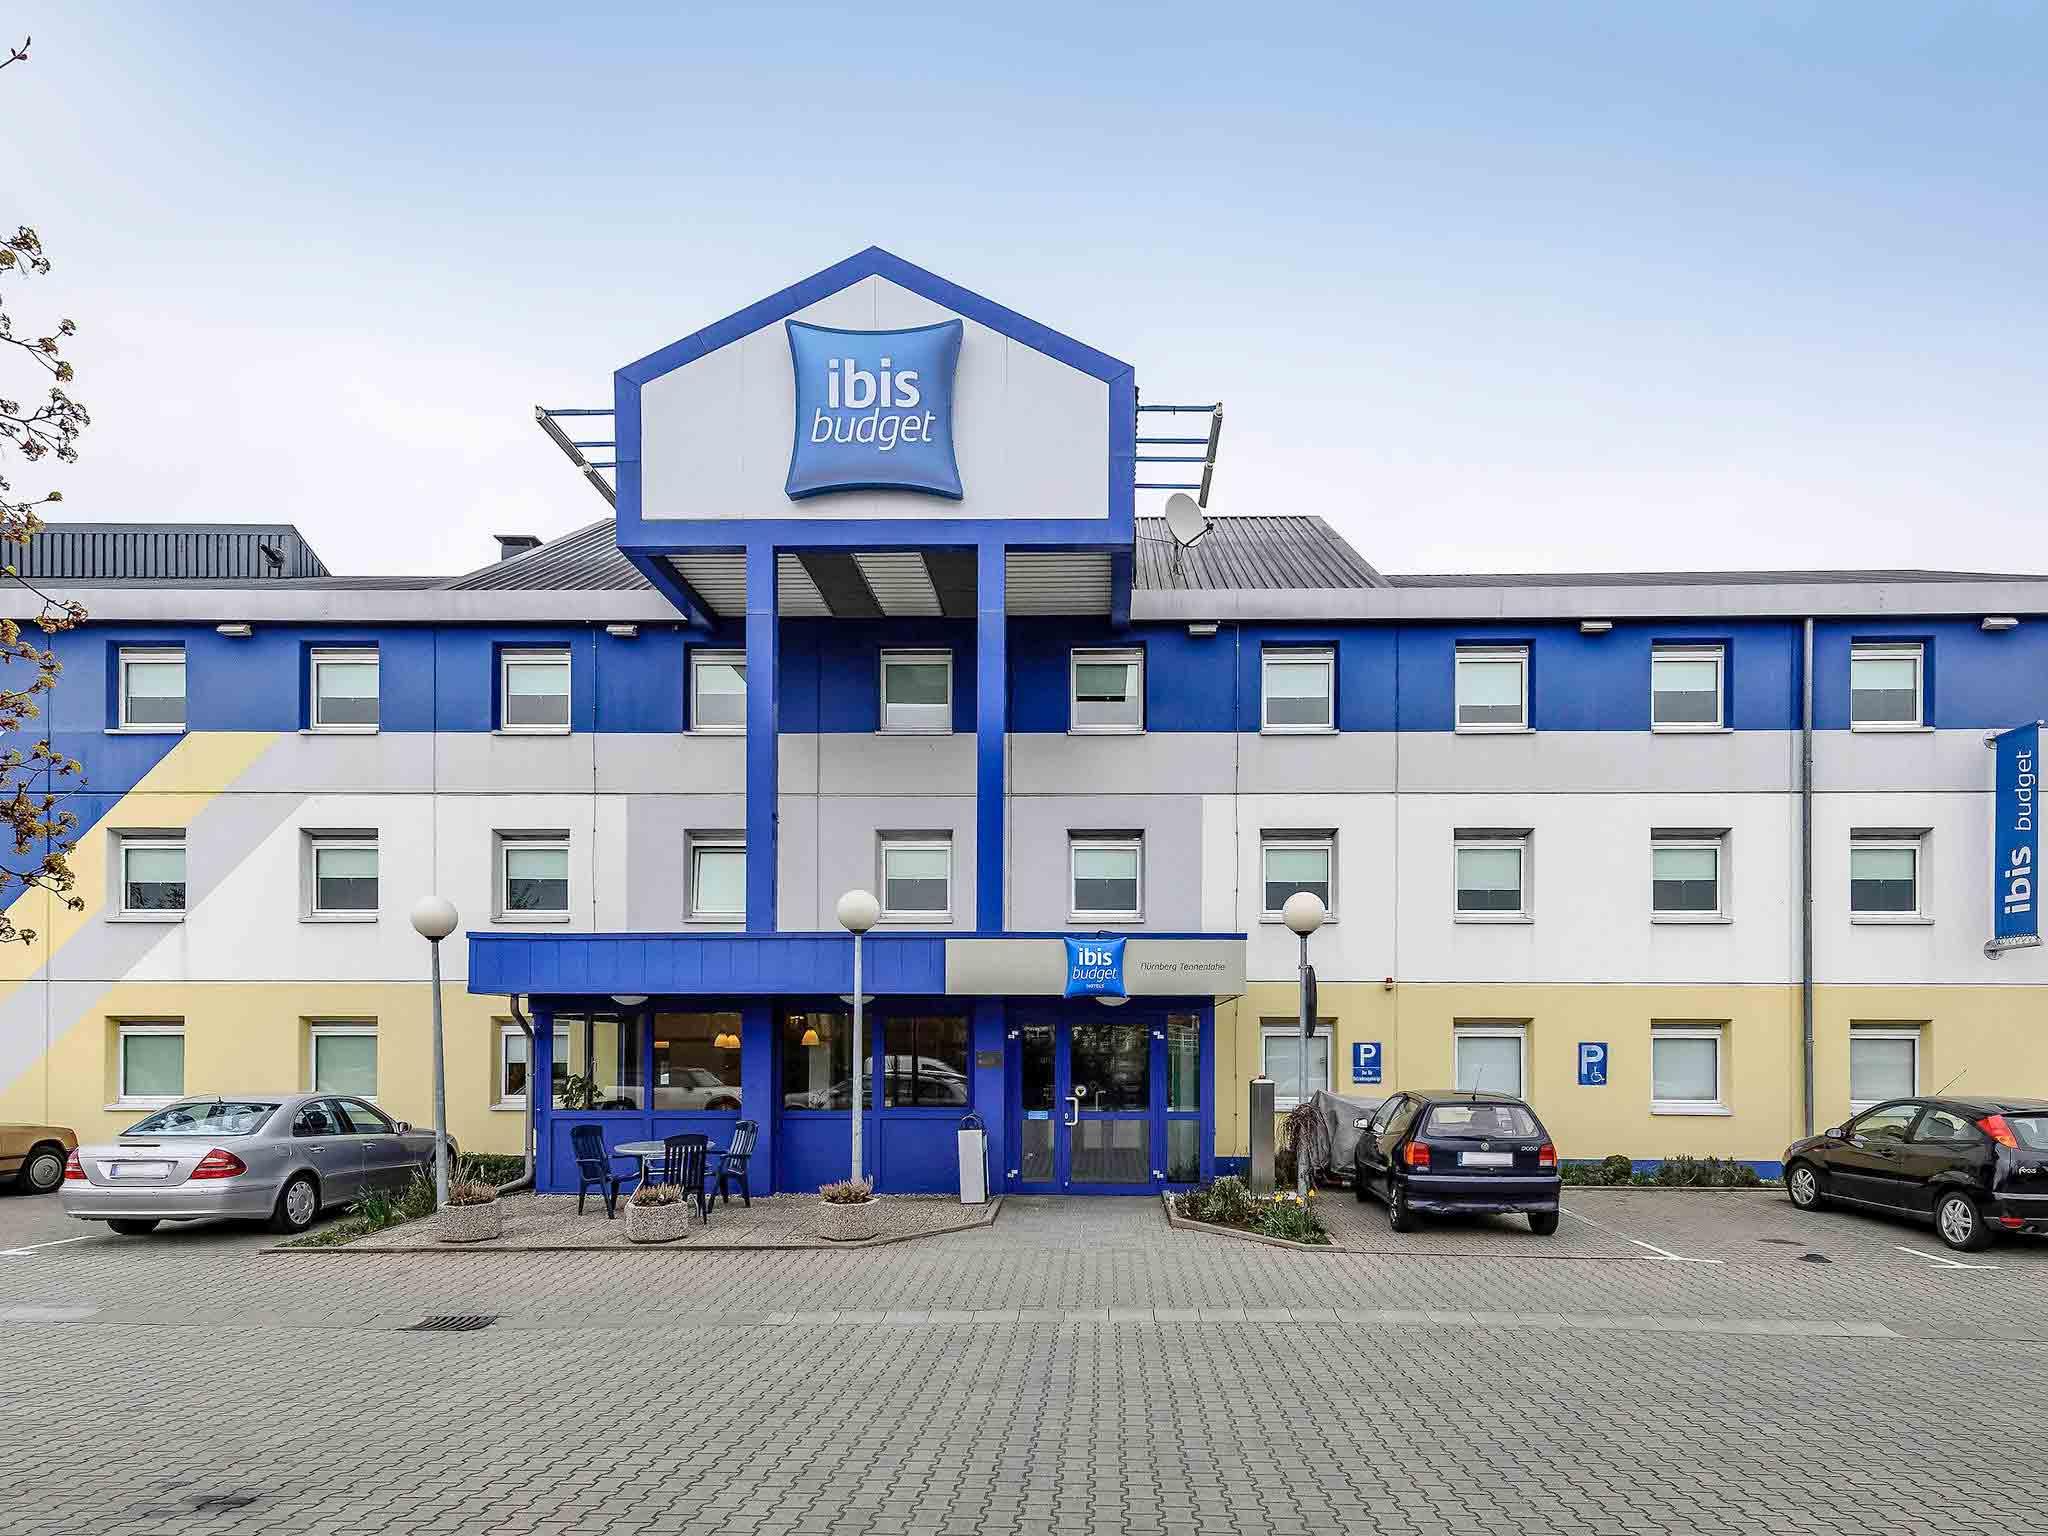 Ibis Hotel Coburg